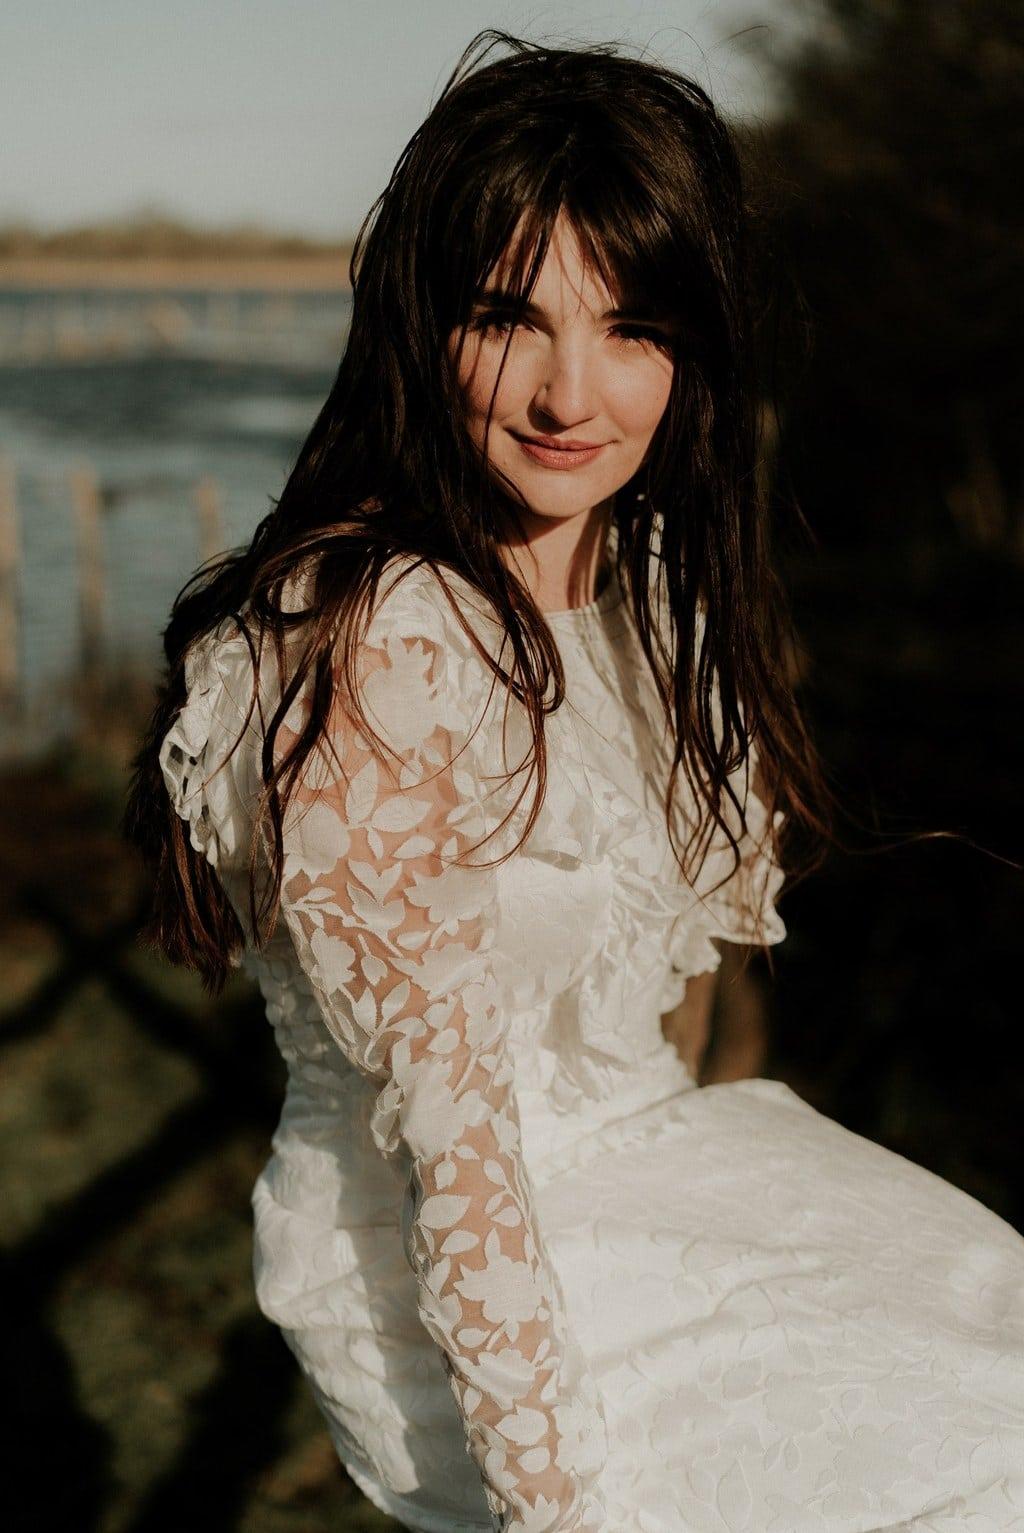 Robe de mariée bohème manches longues - tissu transparent avec fleurs blanches floquées - avec santiags